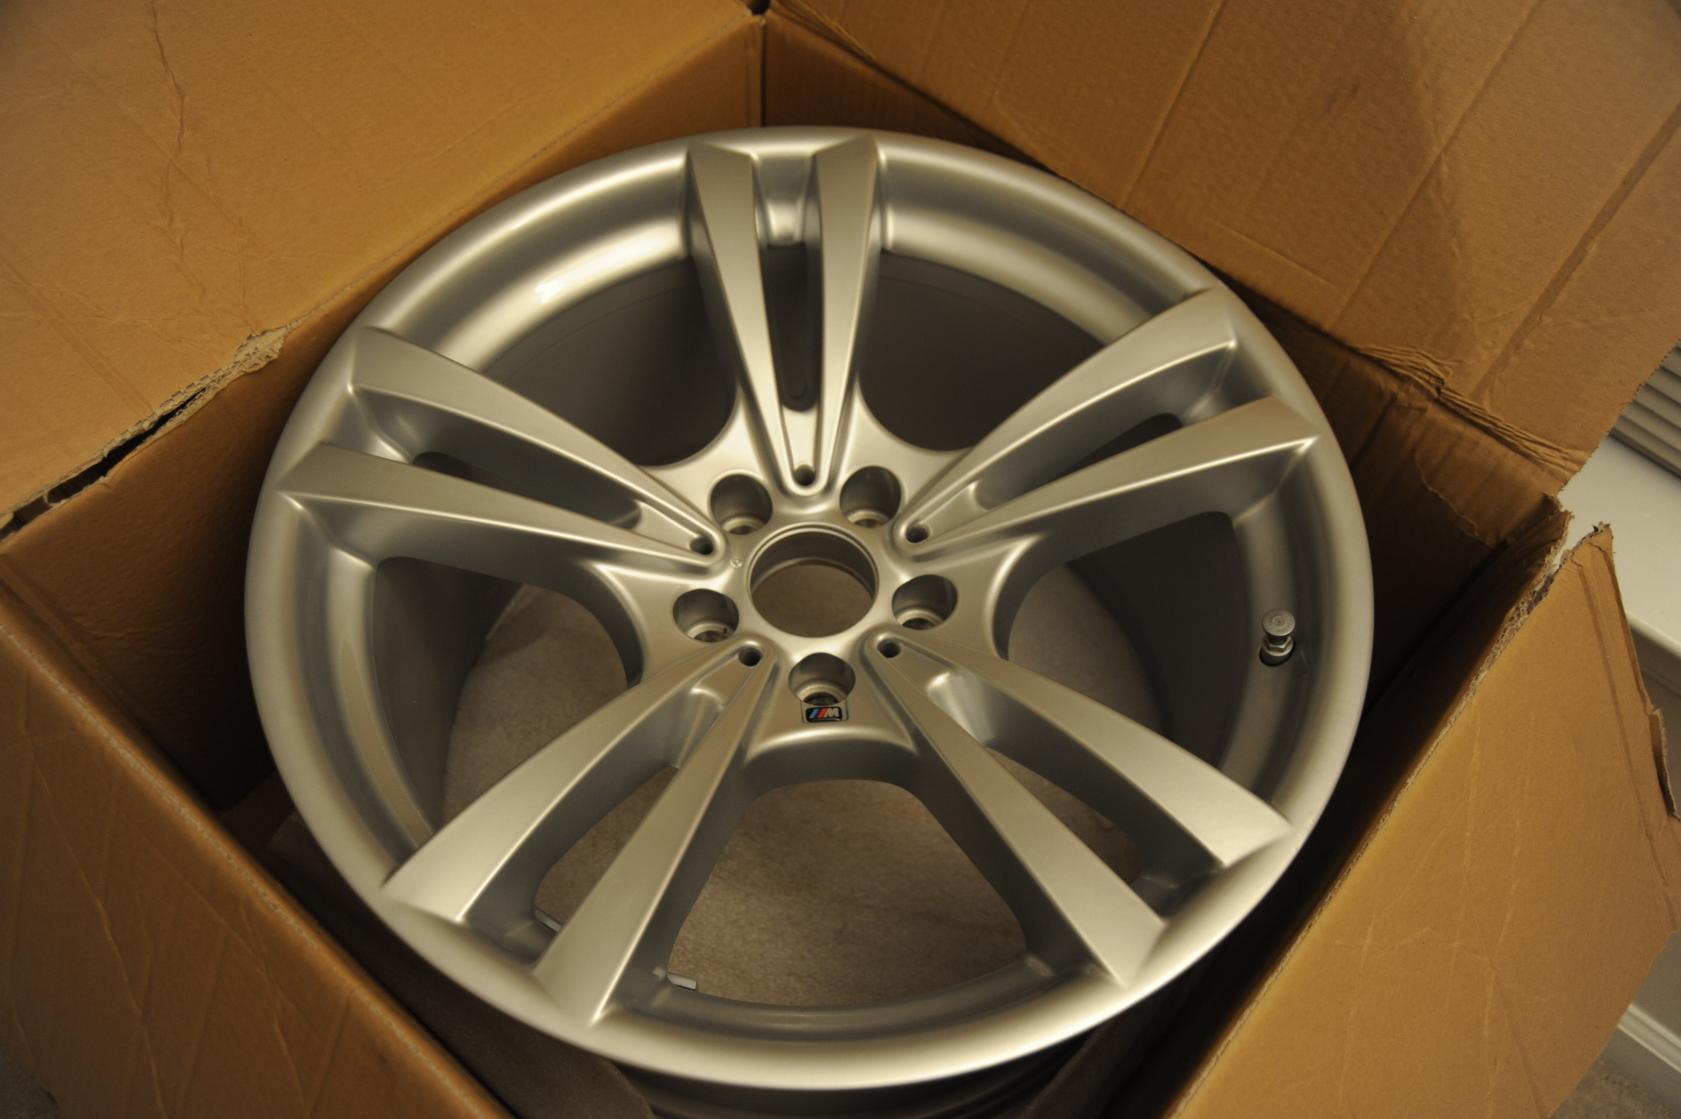 Bmw Of Houston >> 2011 Bmw X5 M Rims For Sale